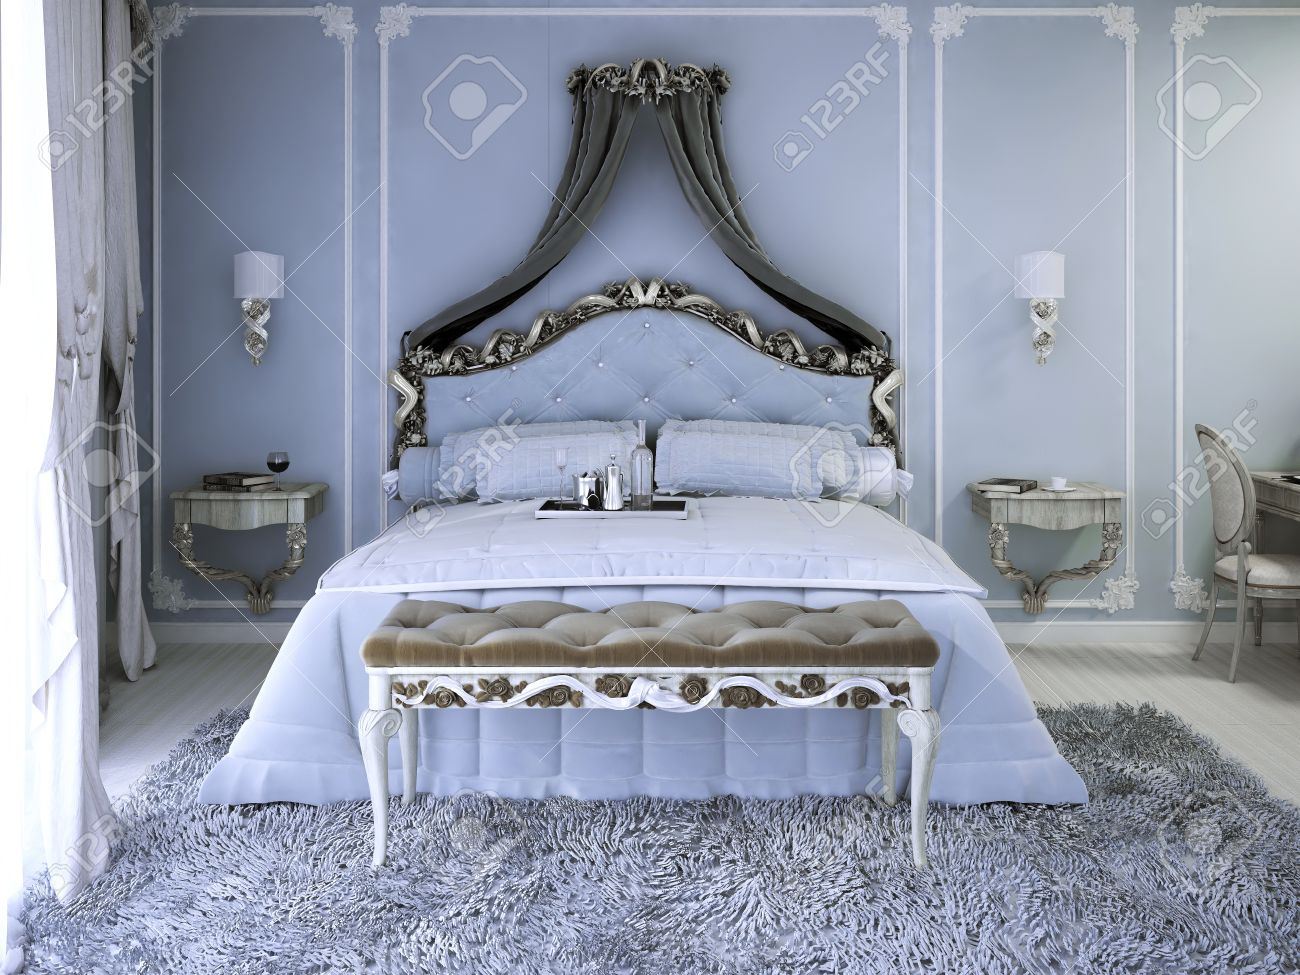 ... Du0027images   Lit Double Avec Rideau De Luxe Vue Royale Chambre Avec Des  Murs Bleu Pâle. Cochez Moquette Grise Et Sellerie Banc Avec Carcas En Bois  Blanc.